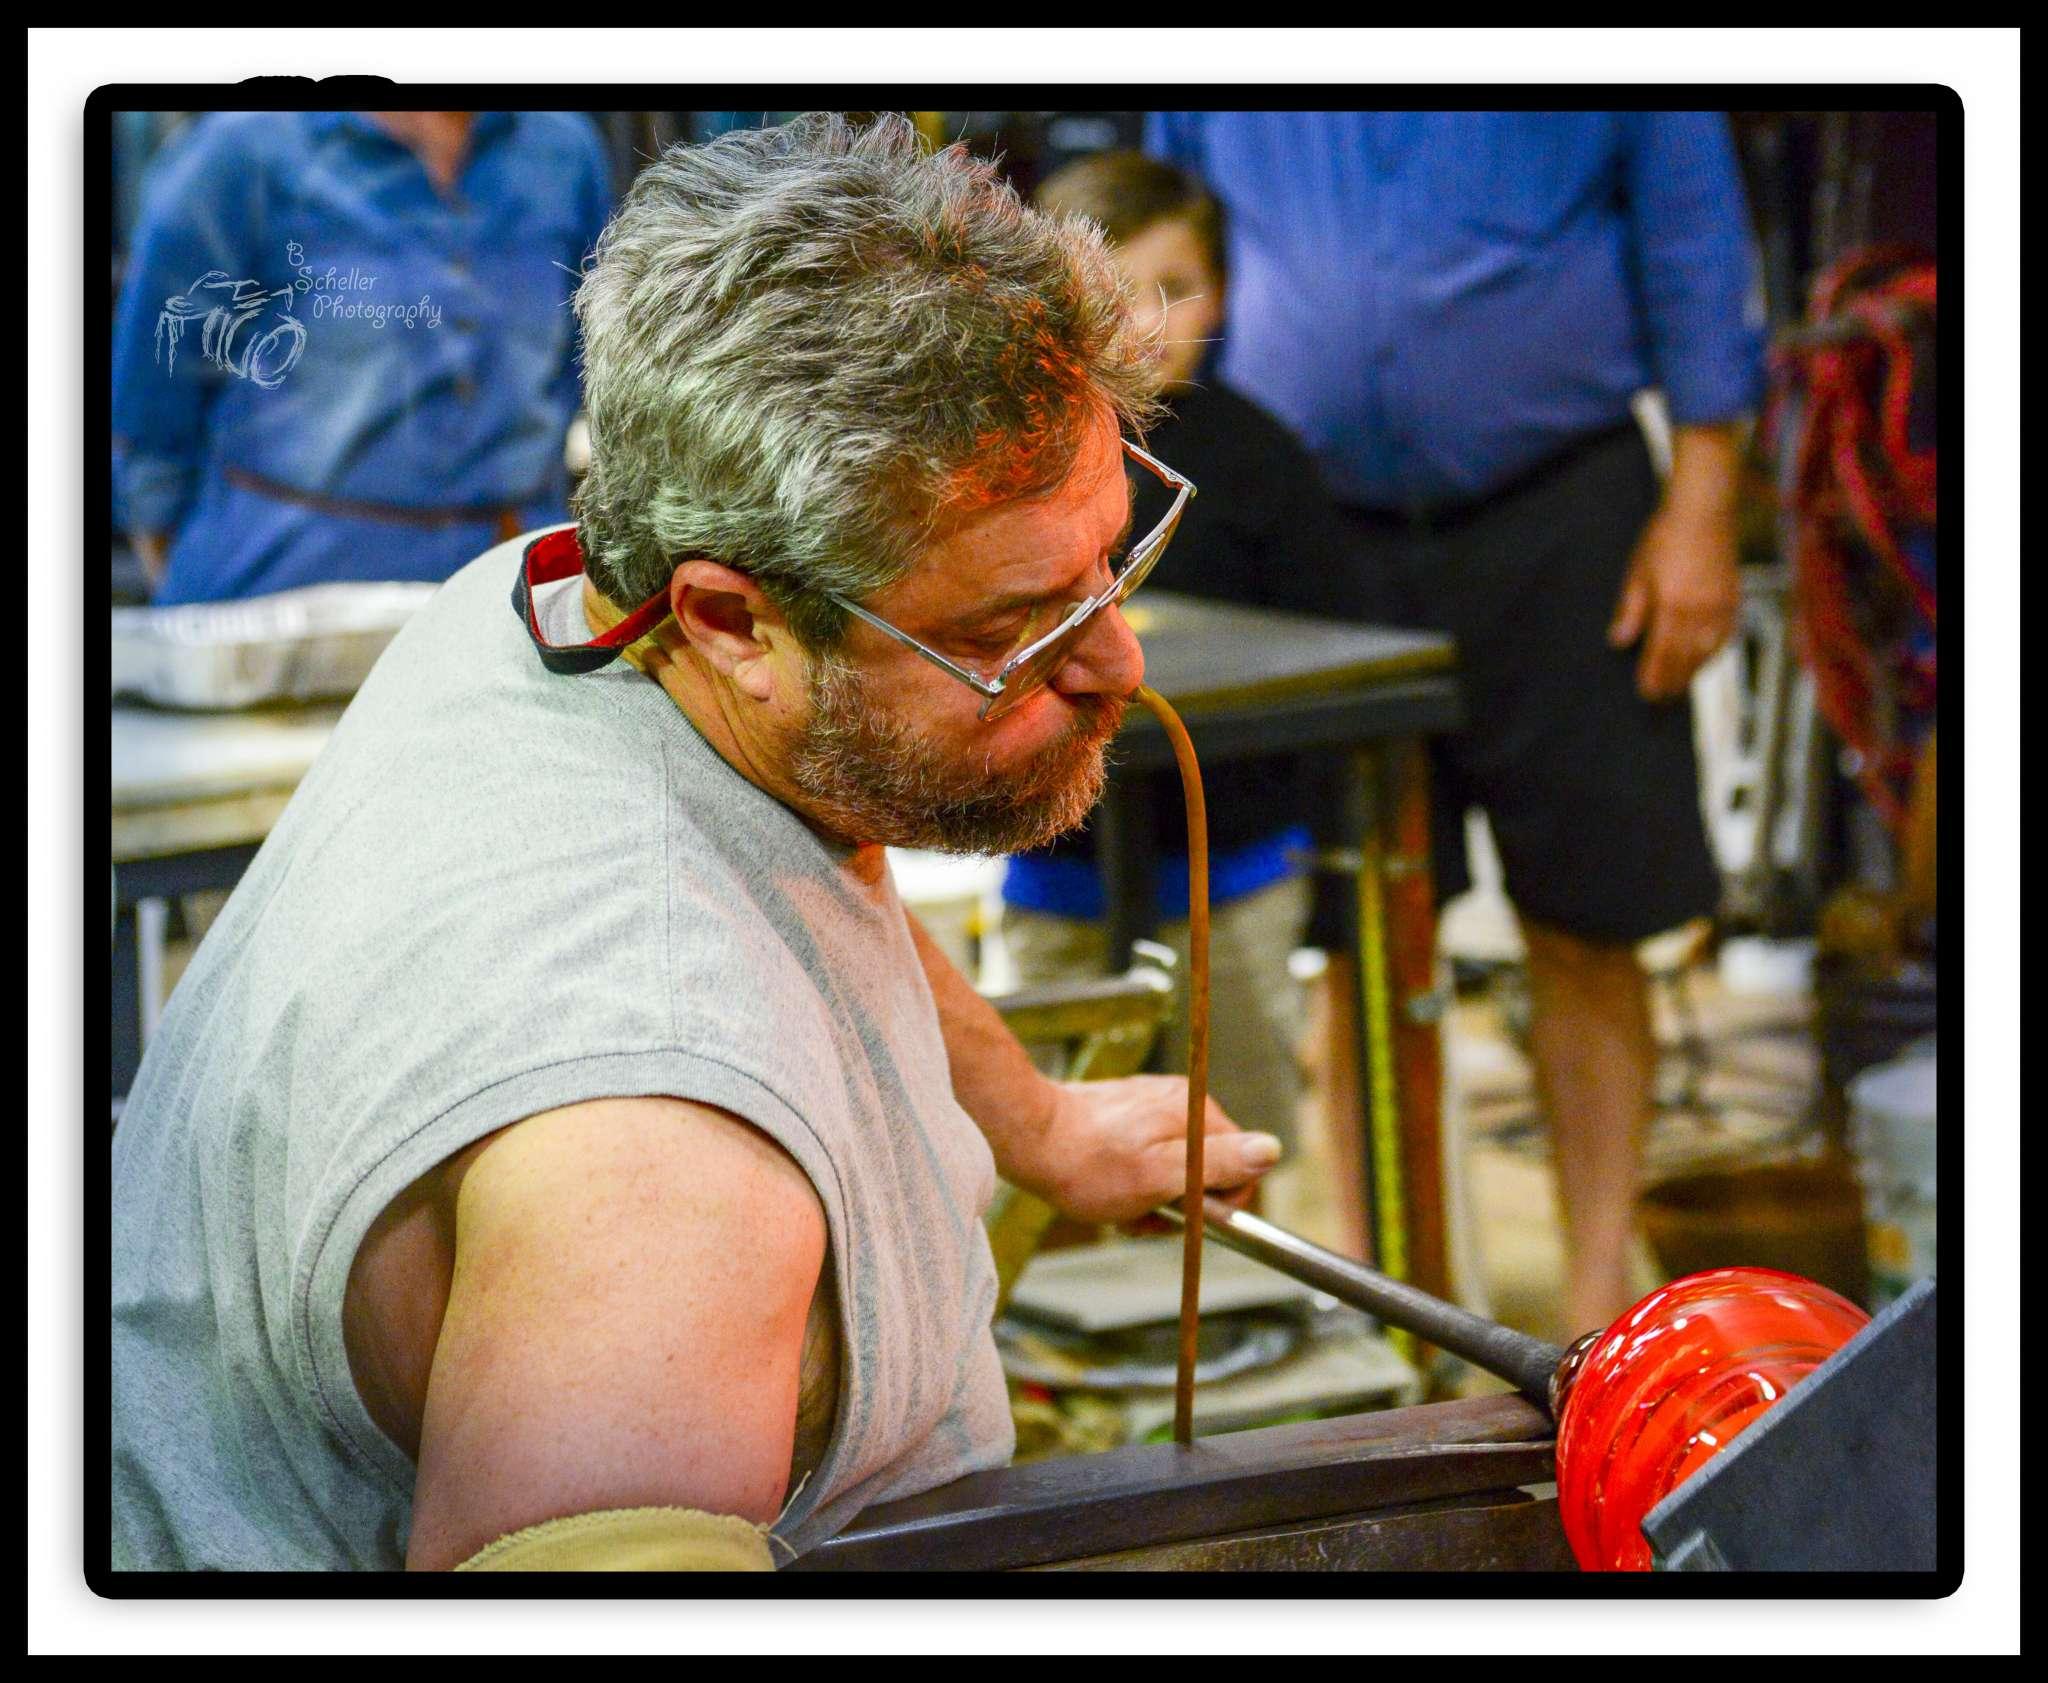 David Goldhagen, glass blower in Hayesville